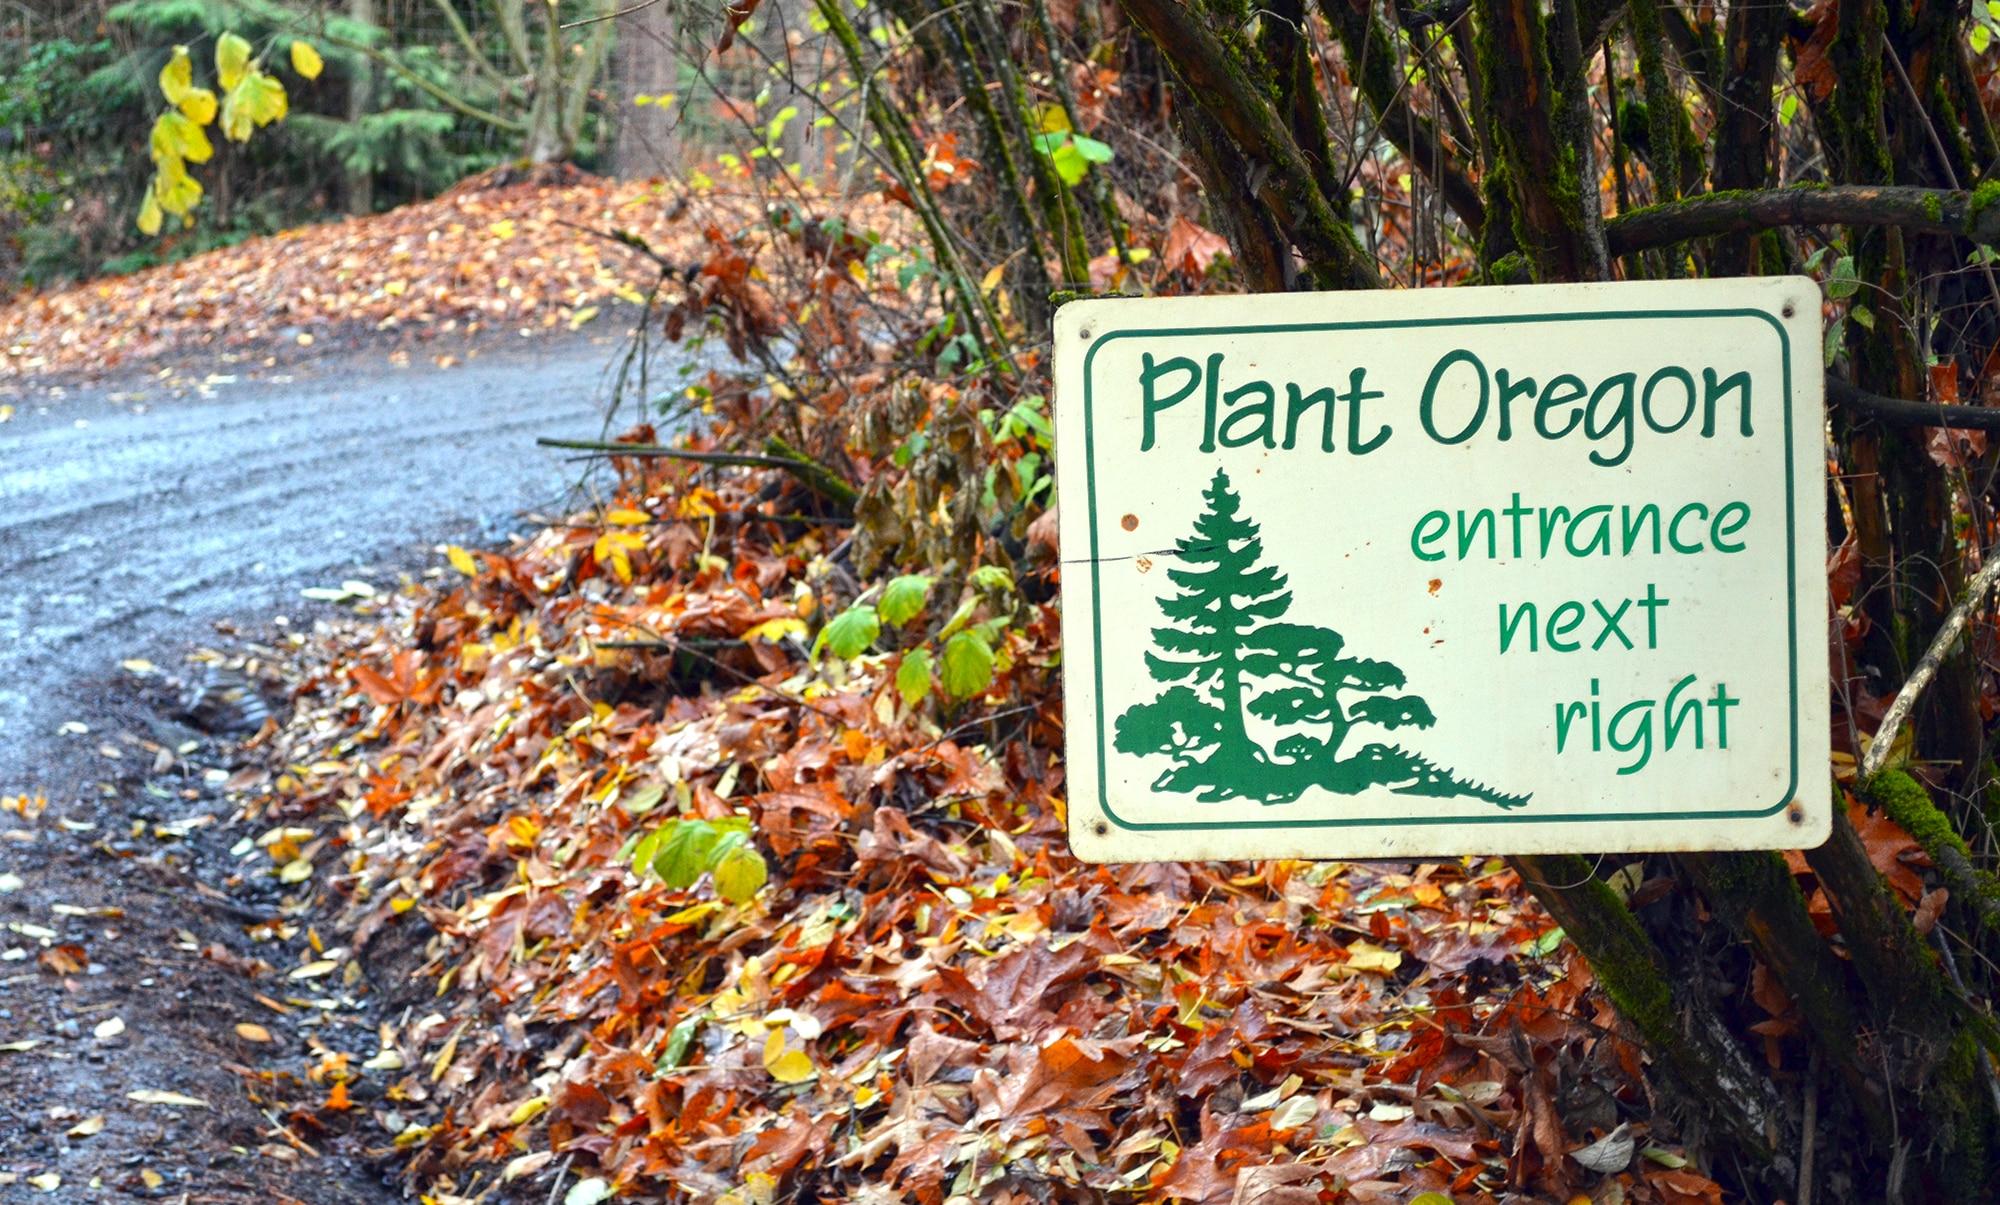 Plant Oregon